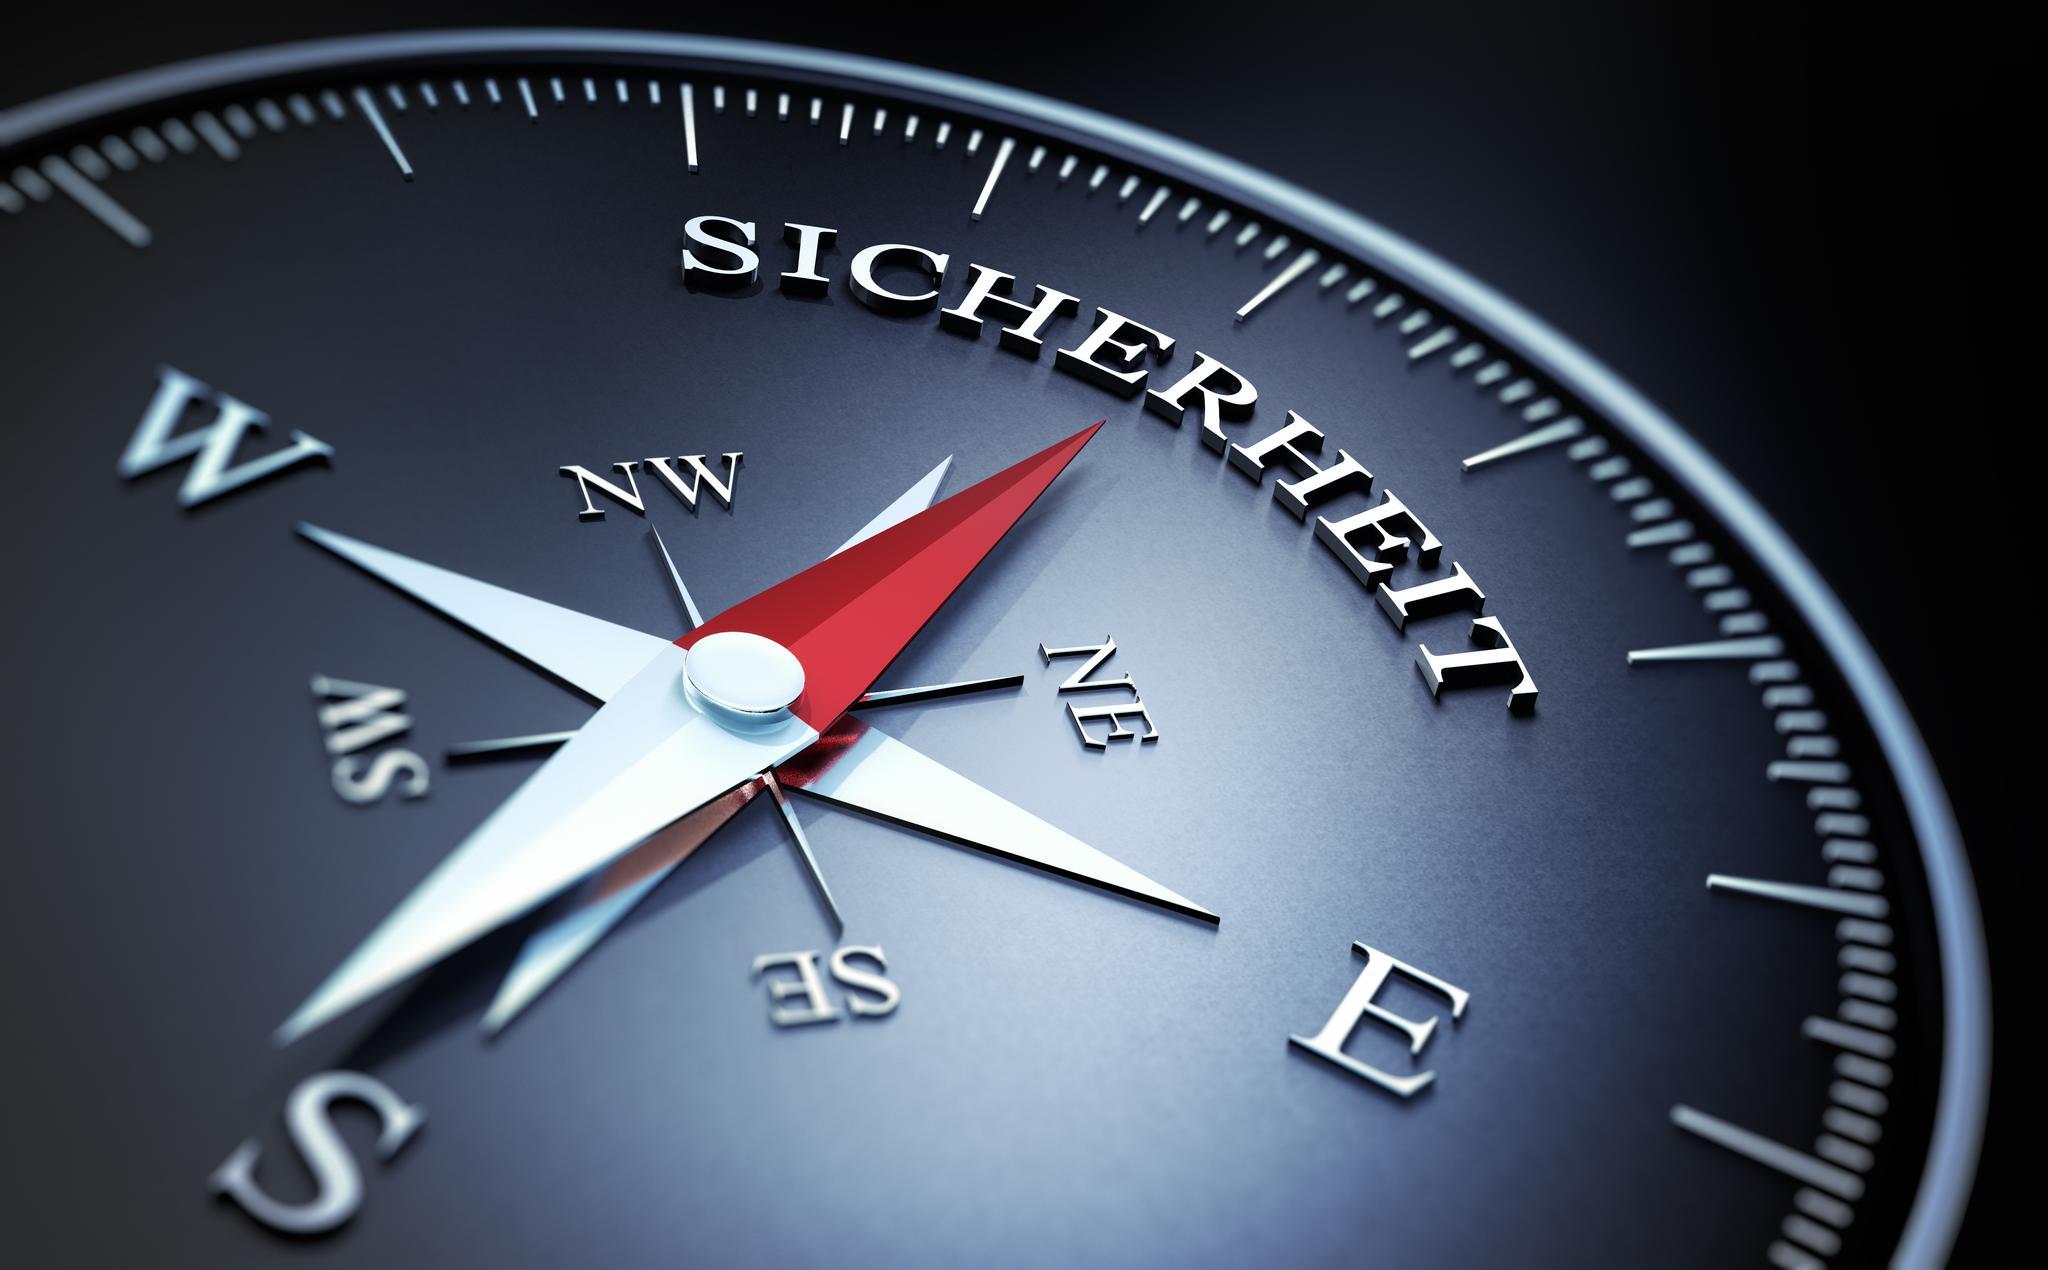 Kompass, dessen Nadel auf das Wort Sicherheit zeigt